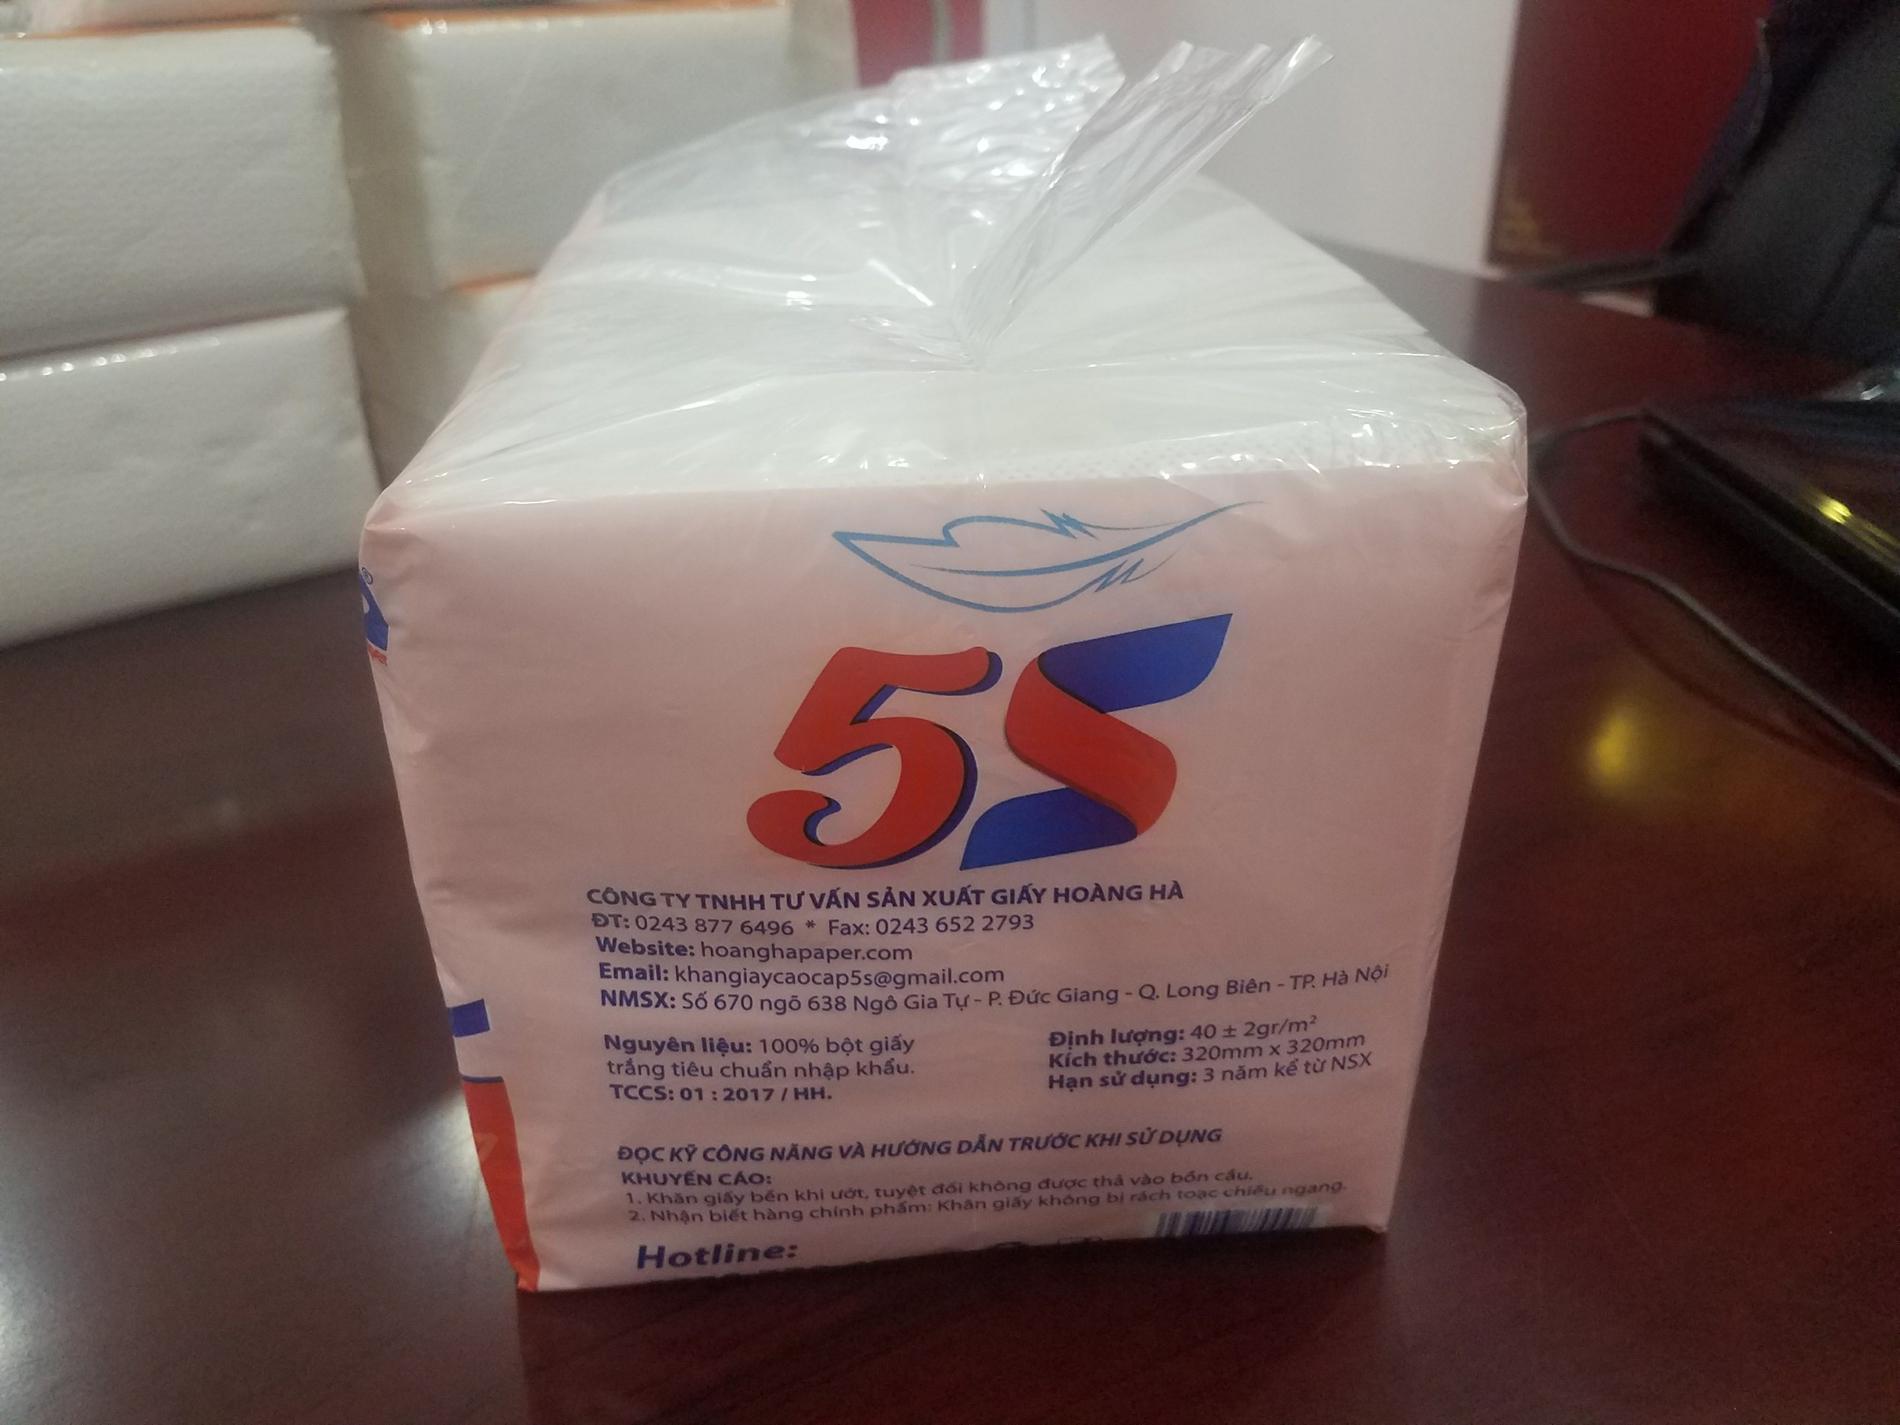 Khăn giấy khô đa năng 5S cao cấp 2 lớp bịch 1kg 32x32cm